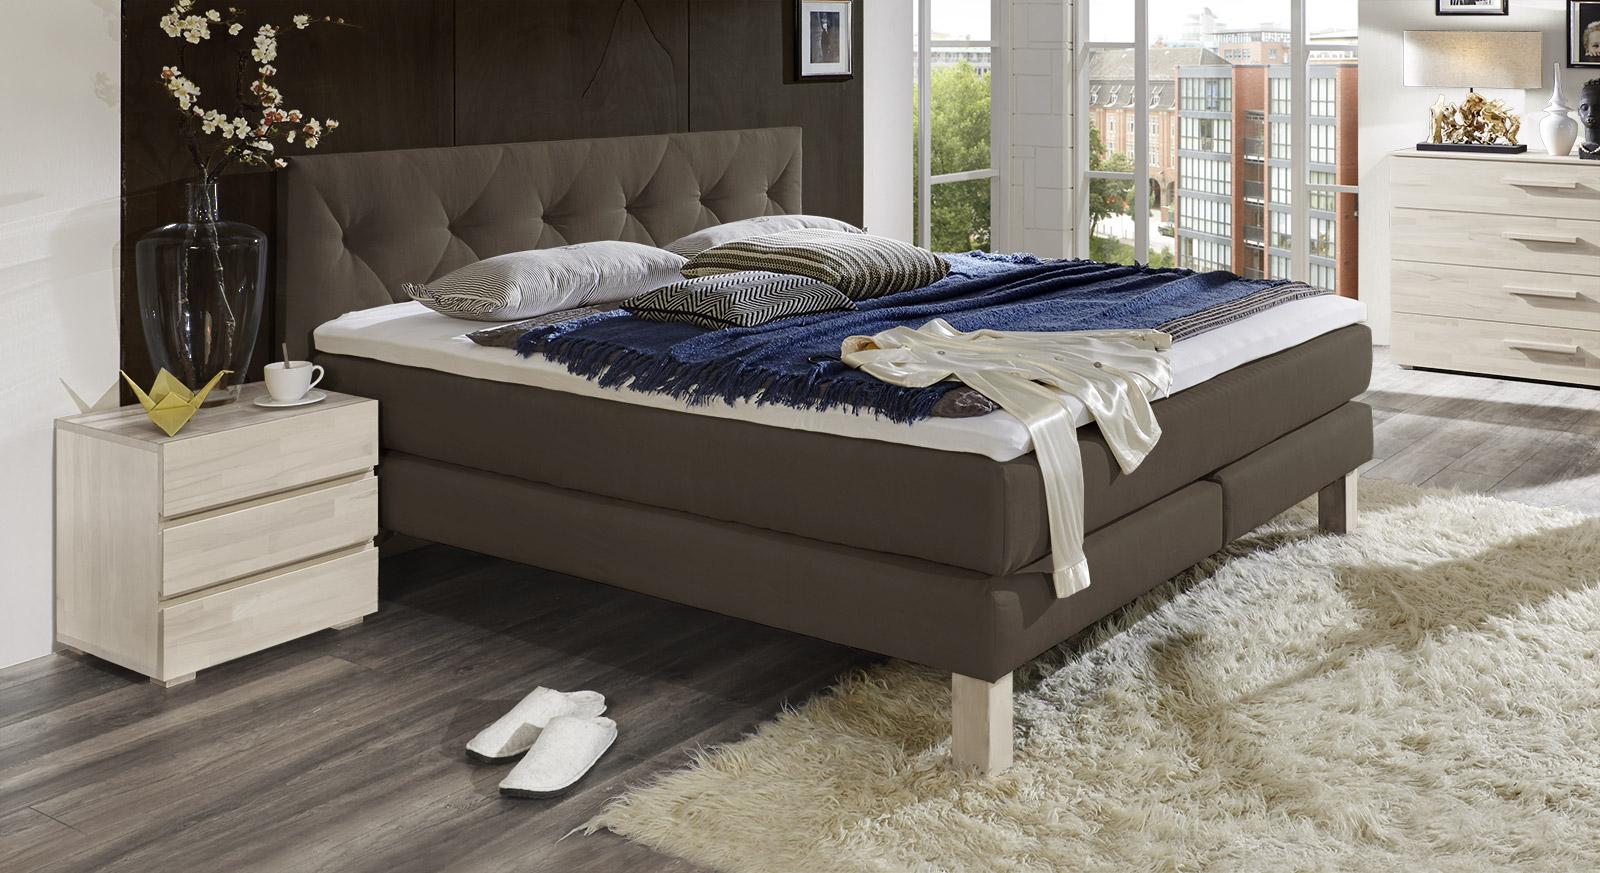 zur ck startseite betten boxspringbetten boxspringbett cantabria. Black Bedroom Furniture Sets. Home Design Ideas